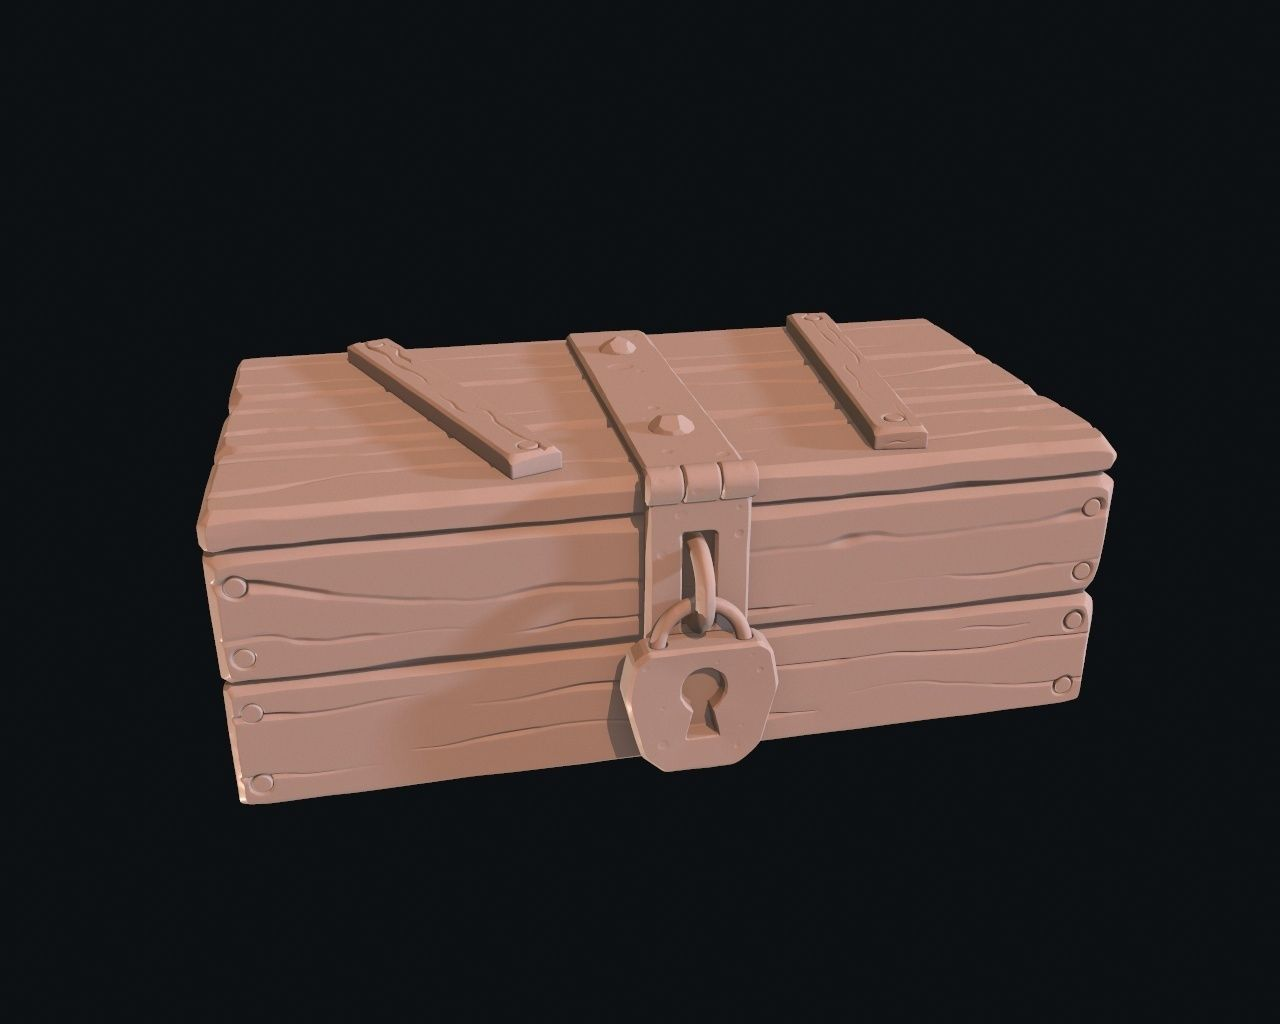 Stylized box